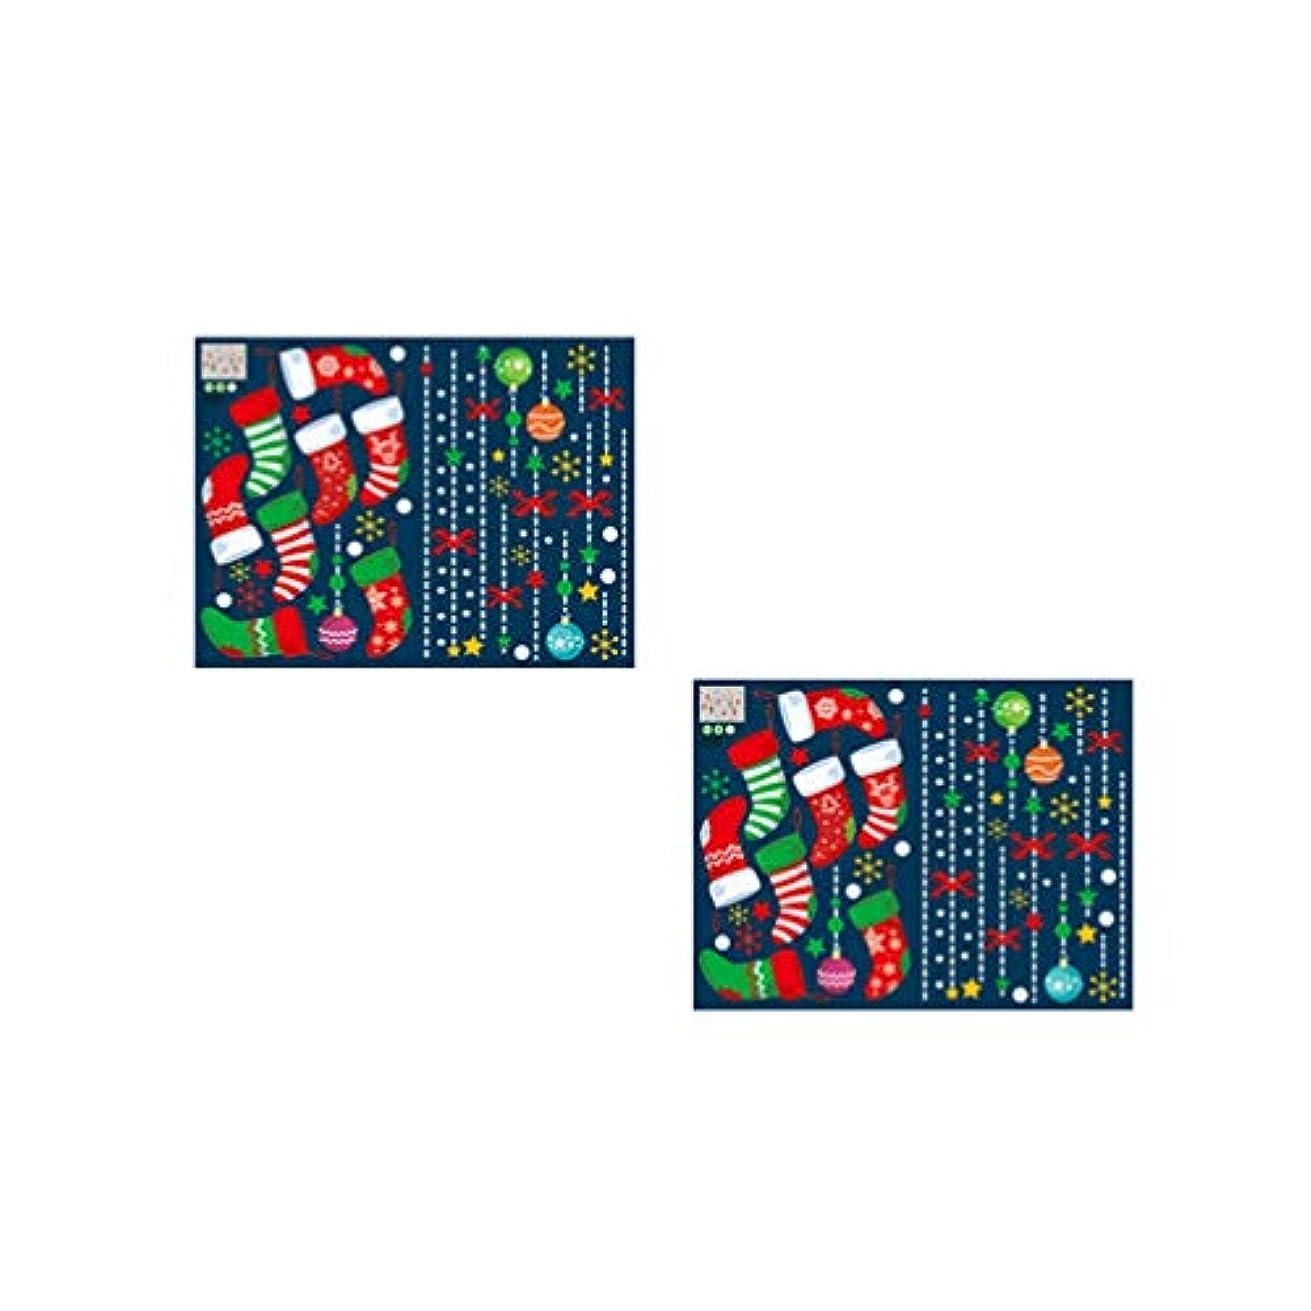 免疫無効キノコHealifty 2ピースクリスマスウィンドウステッカーストッキングパターン壁デカール自己粘着ビニールdiy用クリスマスホリデーパーティーウィンドウ装飾